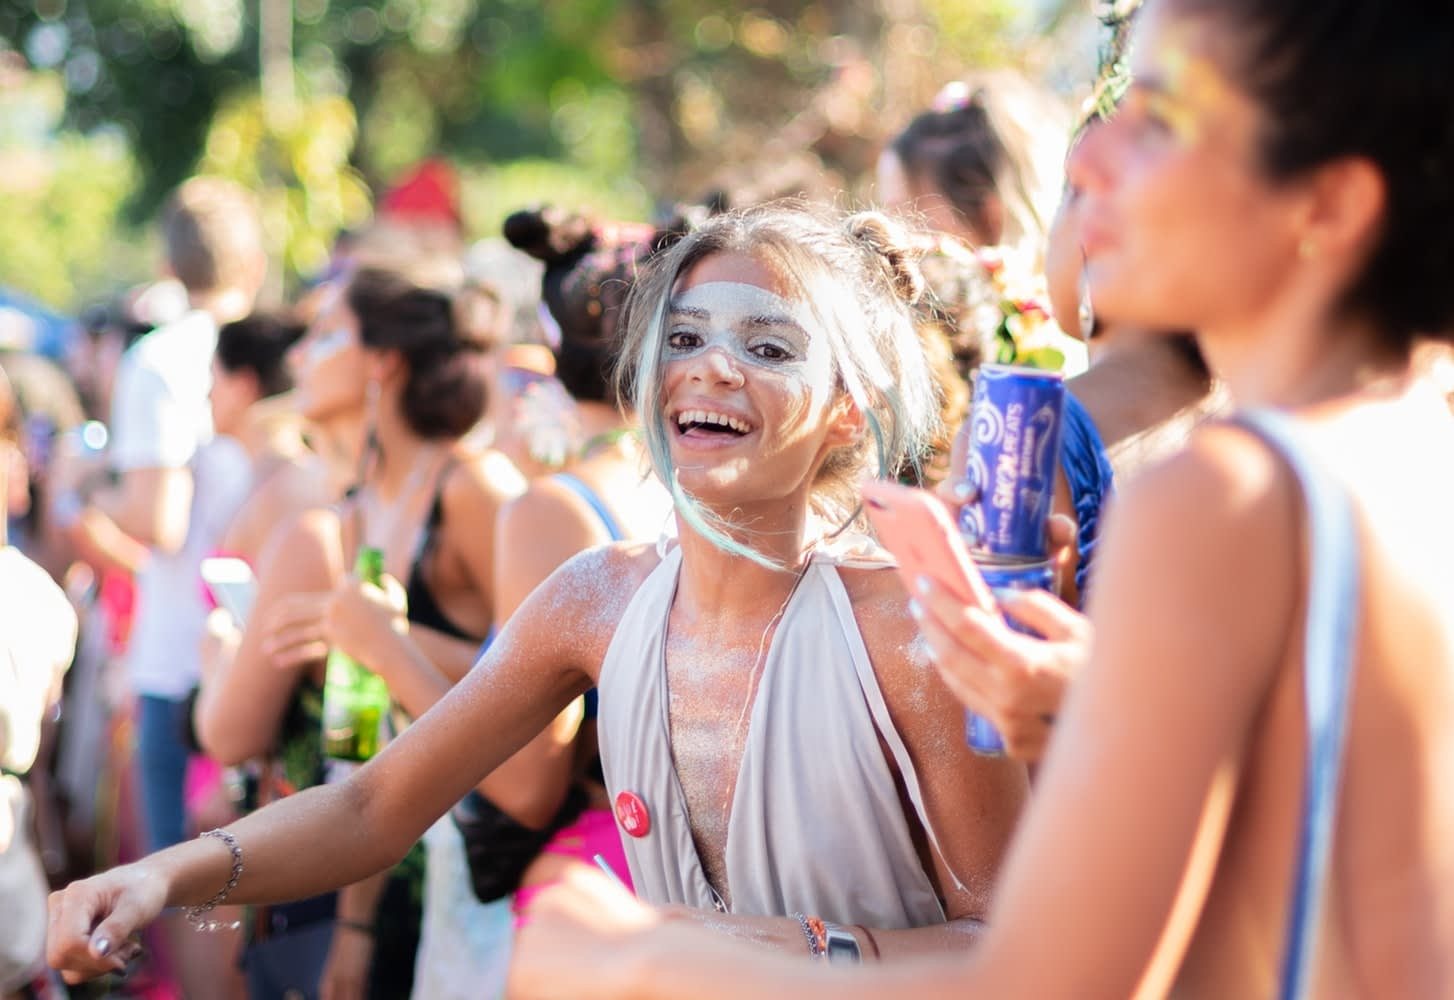 Bloco Rio Carnival - Girls celebrating in Rio Carnival costume